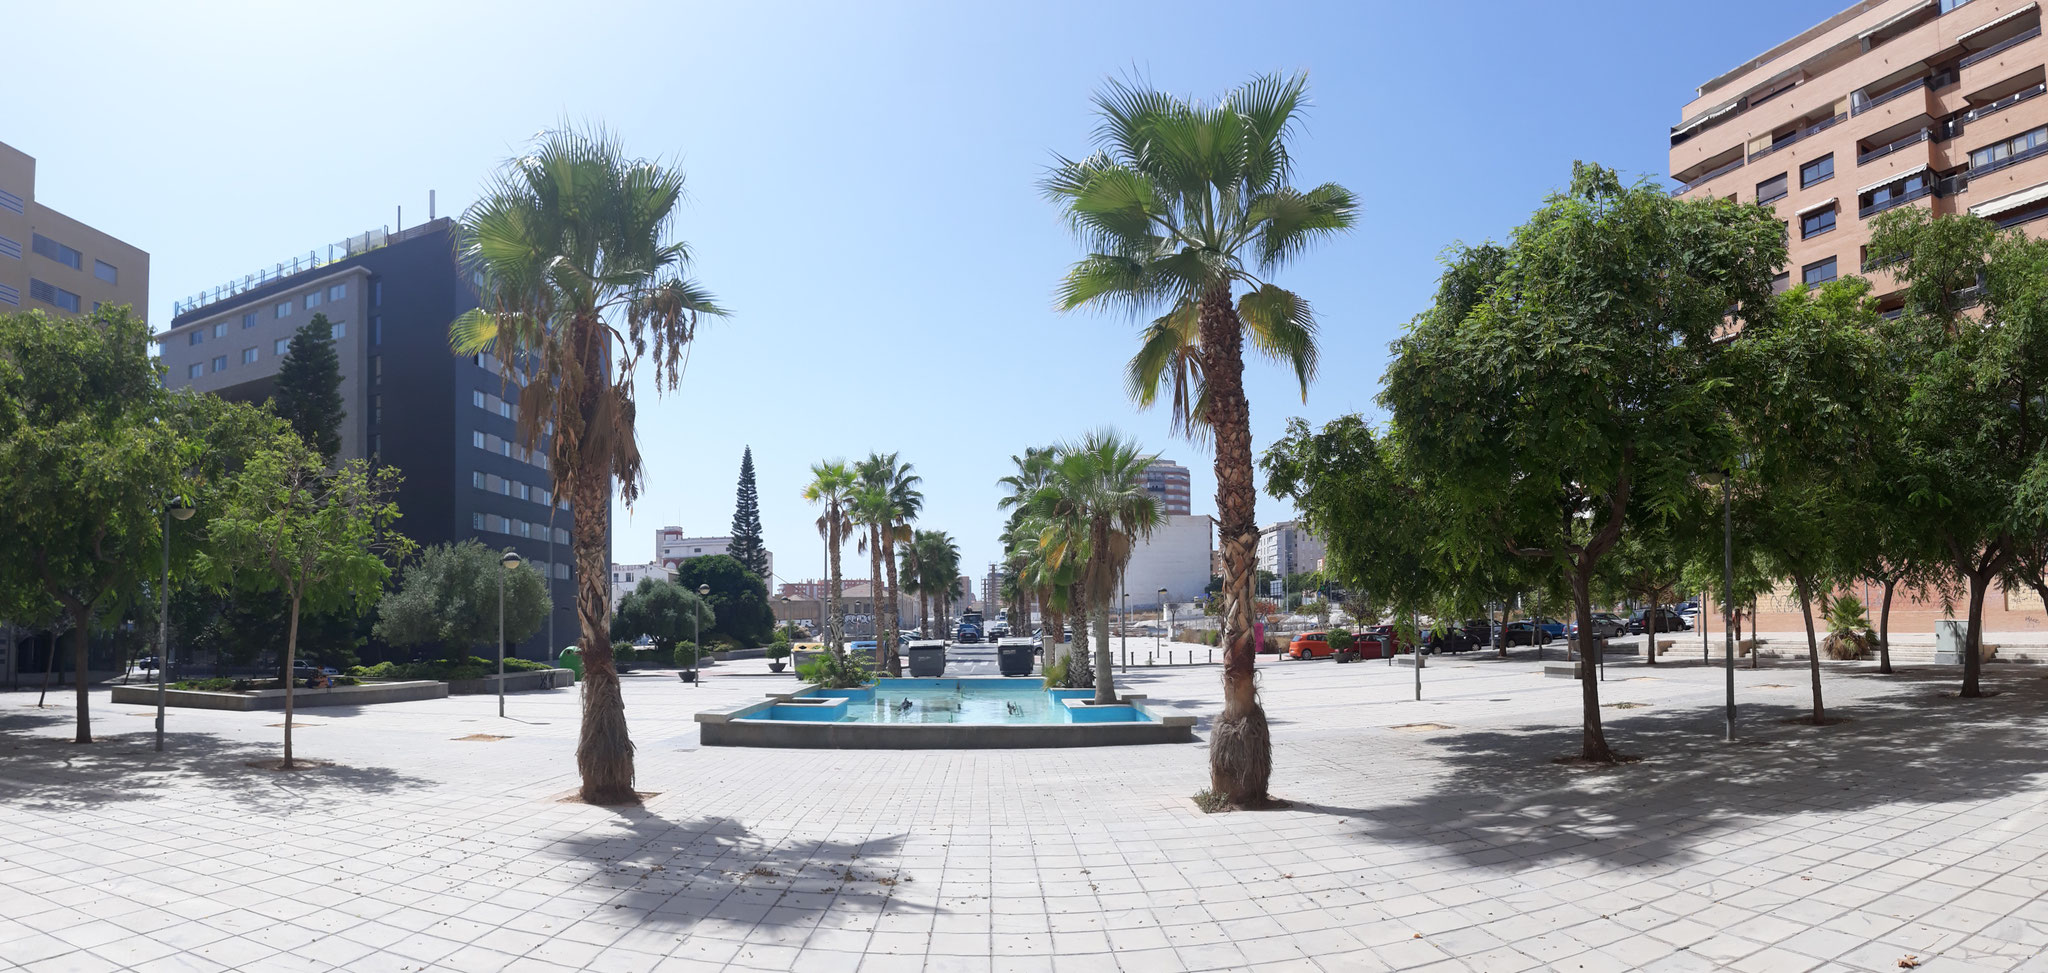 Oficinas en Alquiler ubicacion privilegiada en edificio representativo junto Puerto Alicante